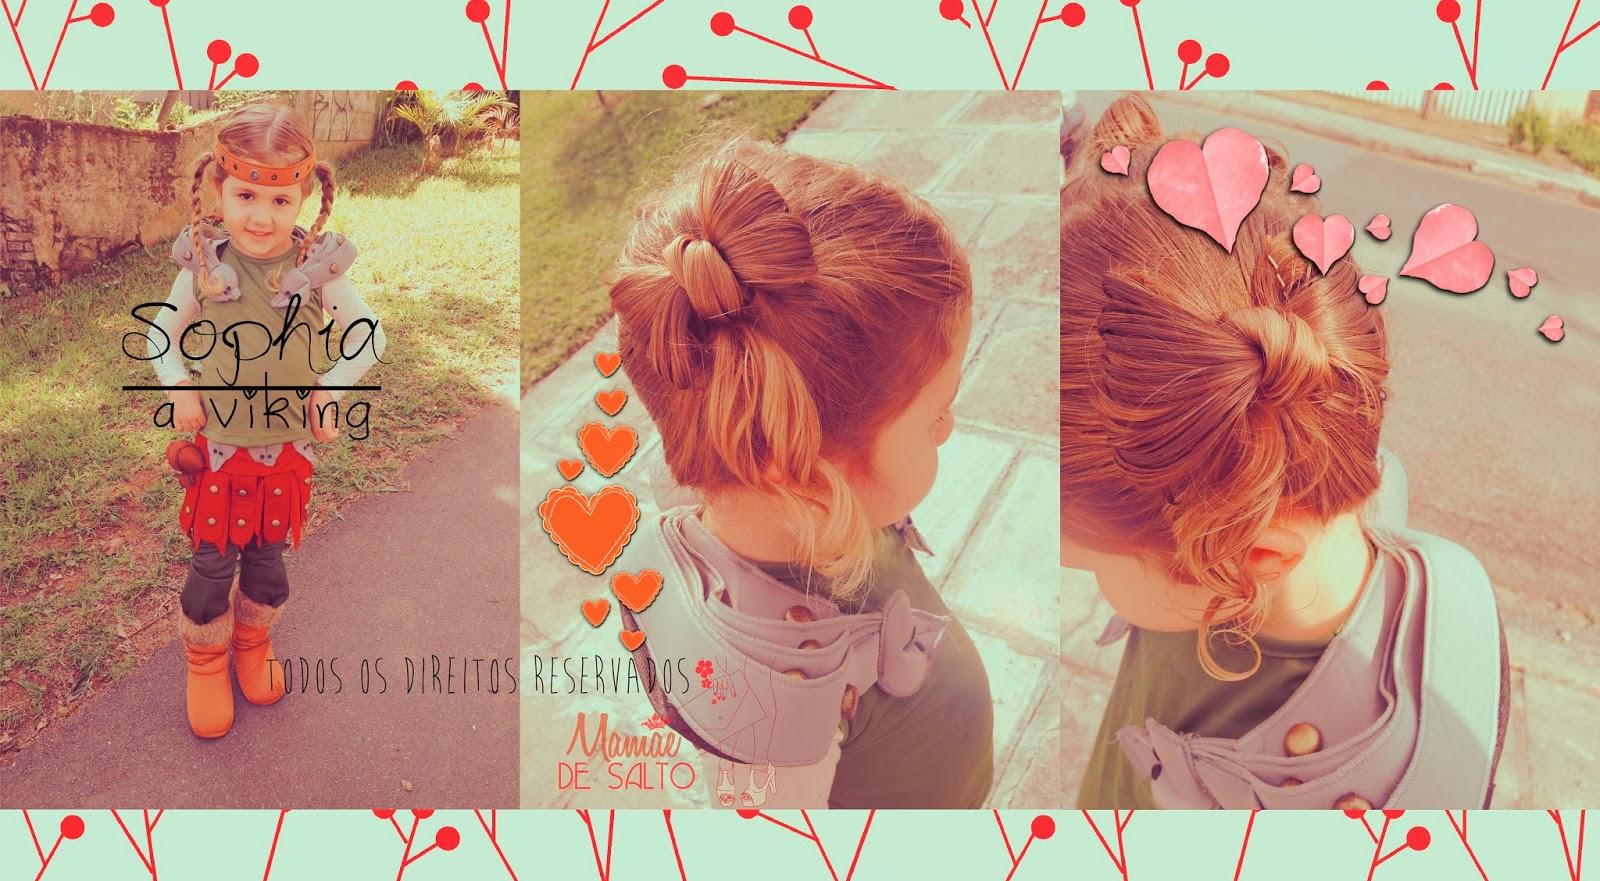 """fantasia infantil Astrid """"Como treinar seu dragão"""" blog Mamãe de Salto ==> todos os direitos reservados"""